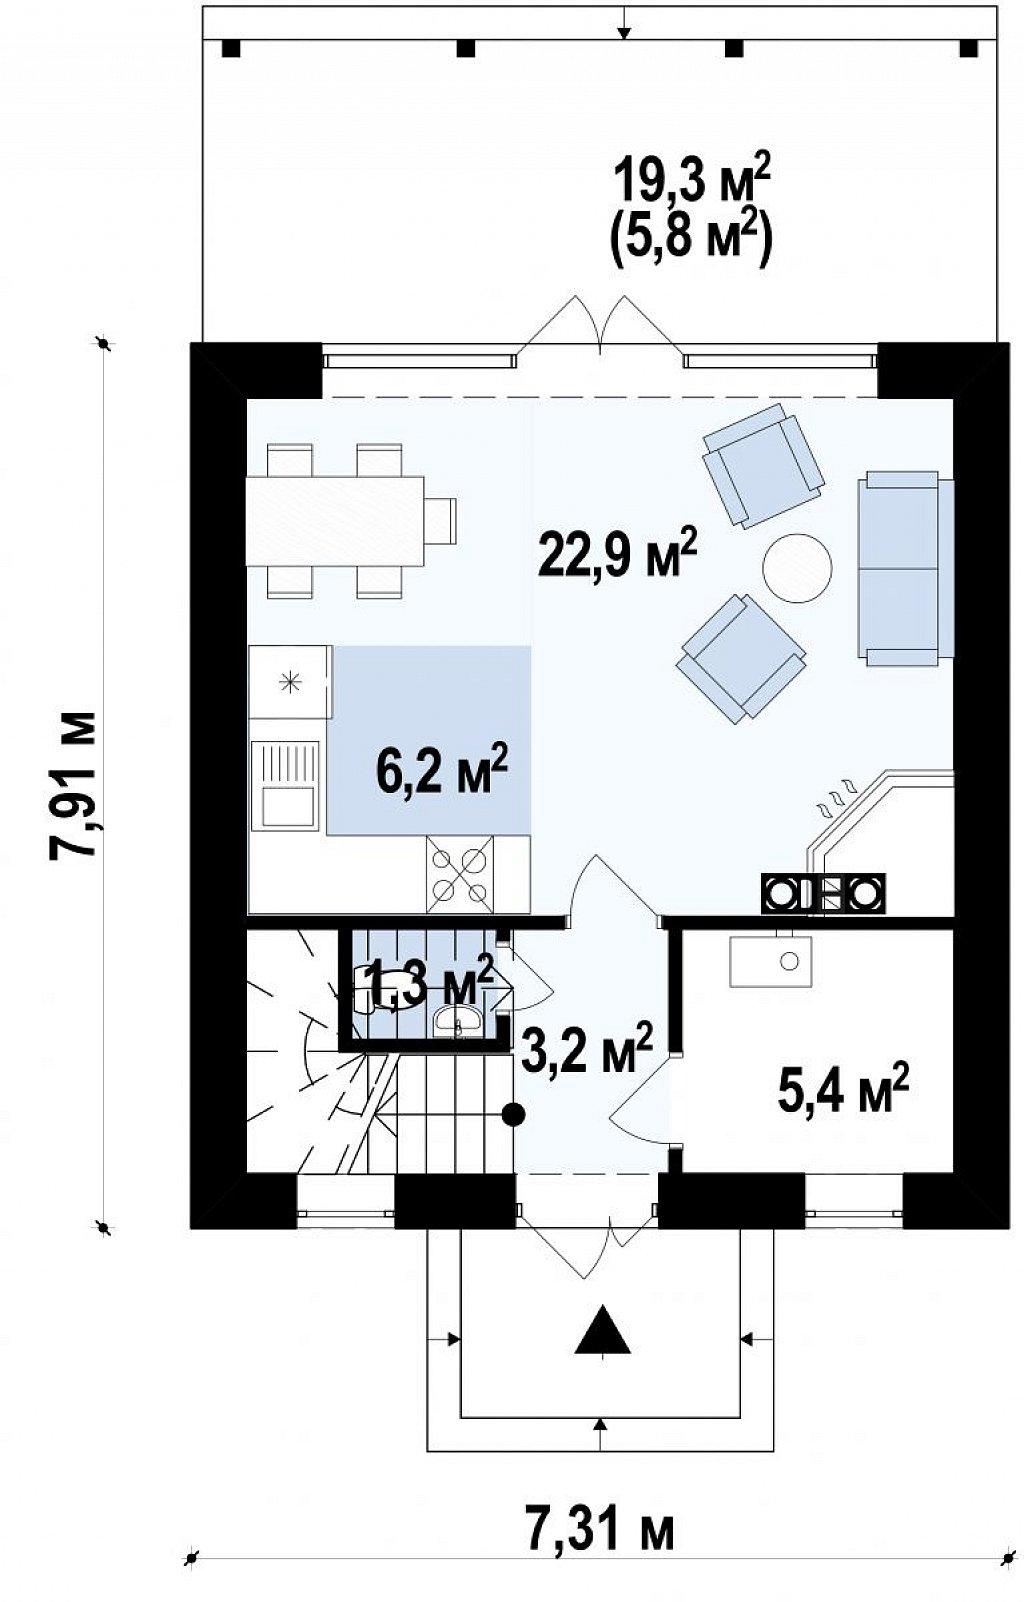 Небольшой мансардный дом с верандой, подойдет для строительства на узком участке. план помещений 1